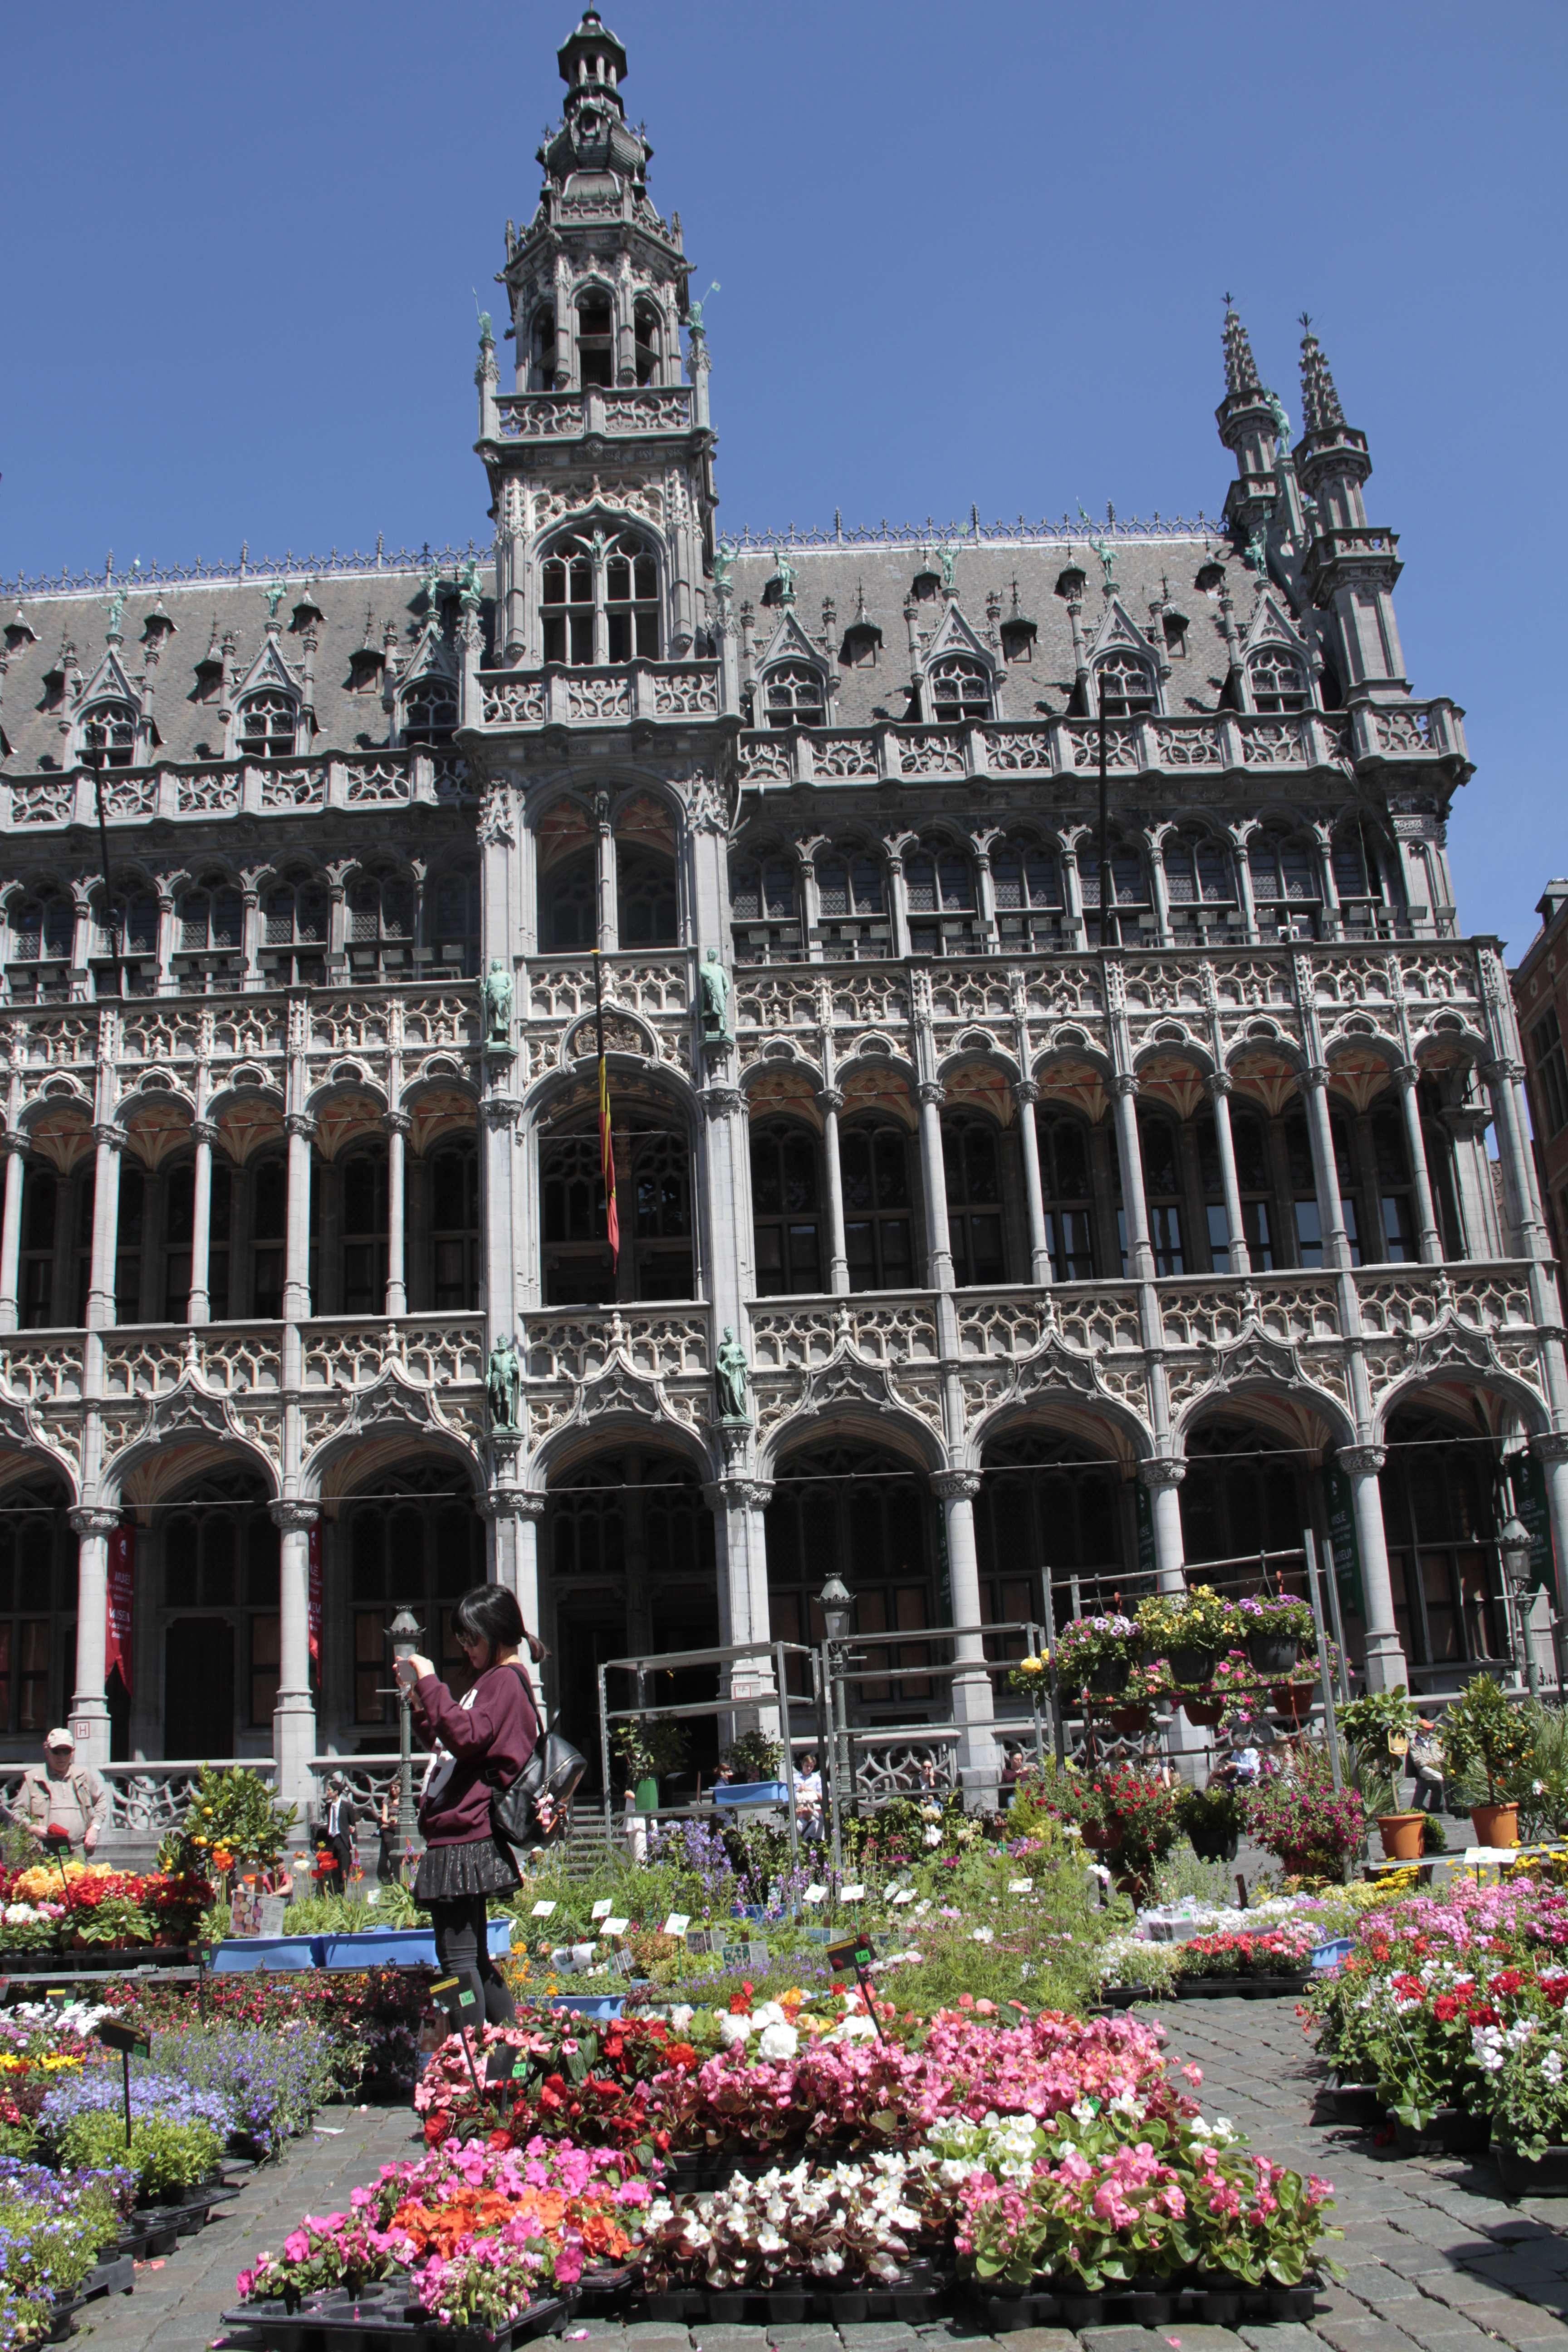 Belgique mai 2015_0014 Bruxelles Grand Place